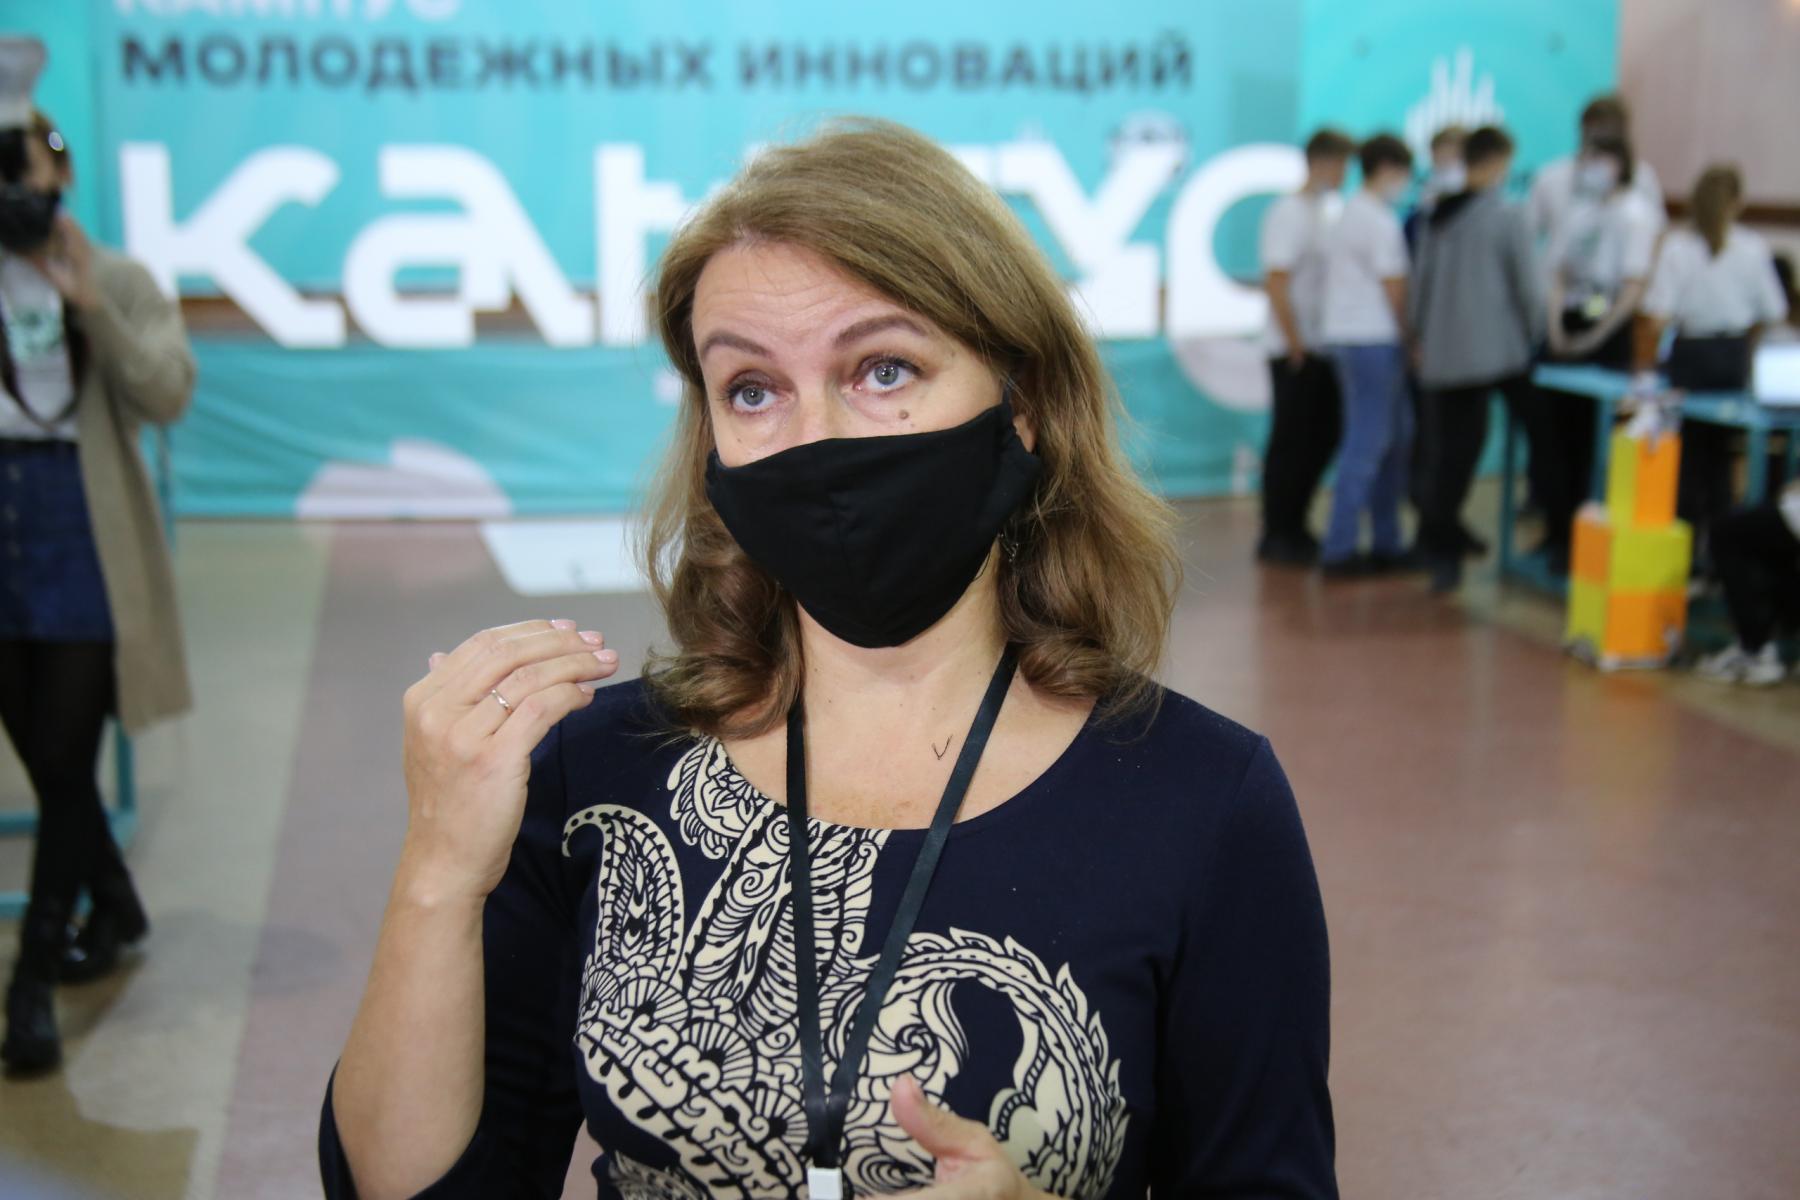 Фото Браслеты-пищалки для незрячих и роботы-дезинфекторы для осторожных: одарённые дети в Новосибирске показали свои разработки 2